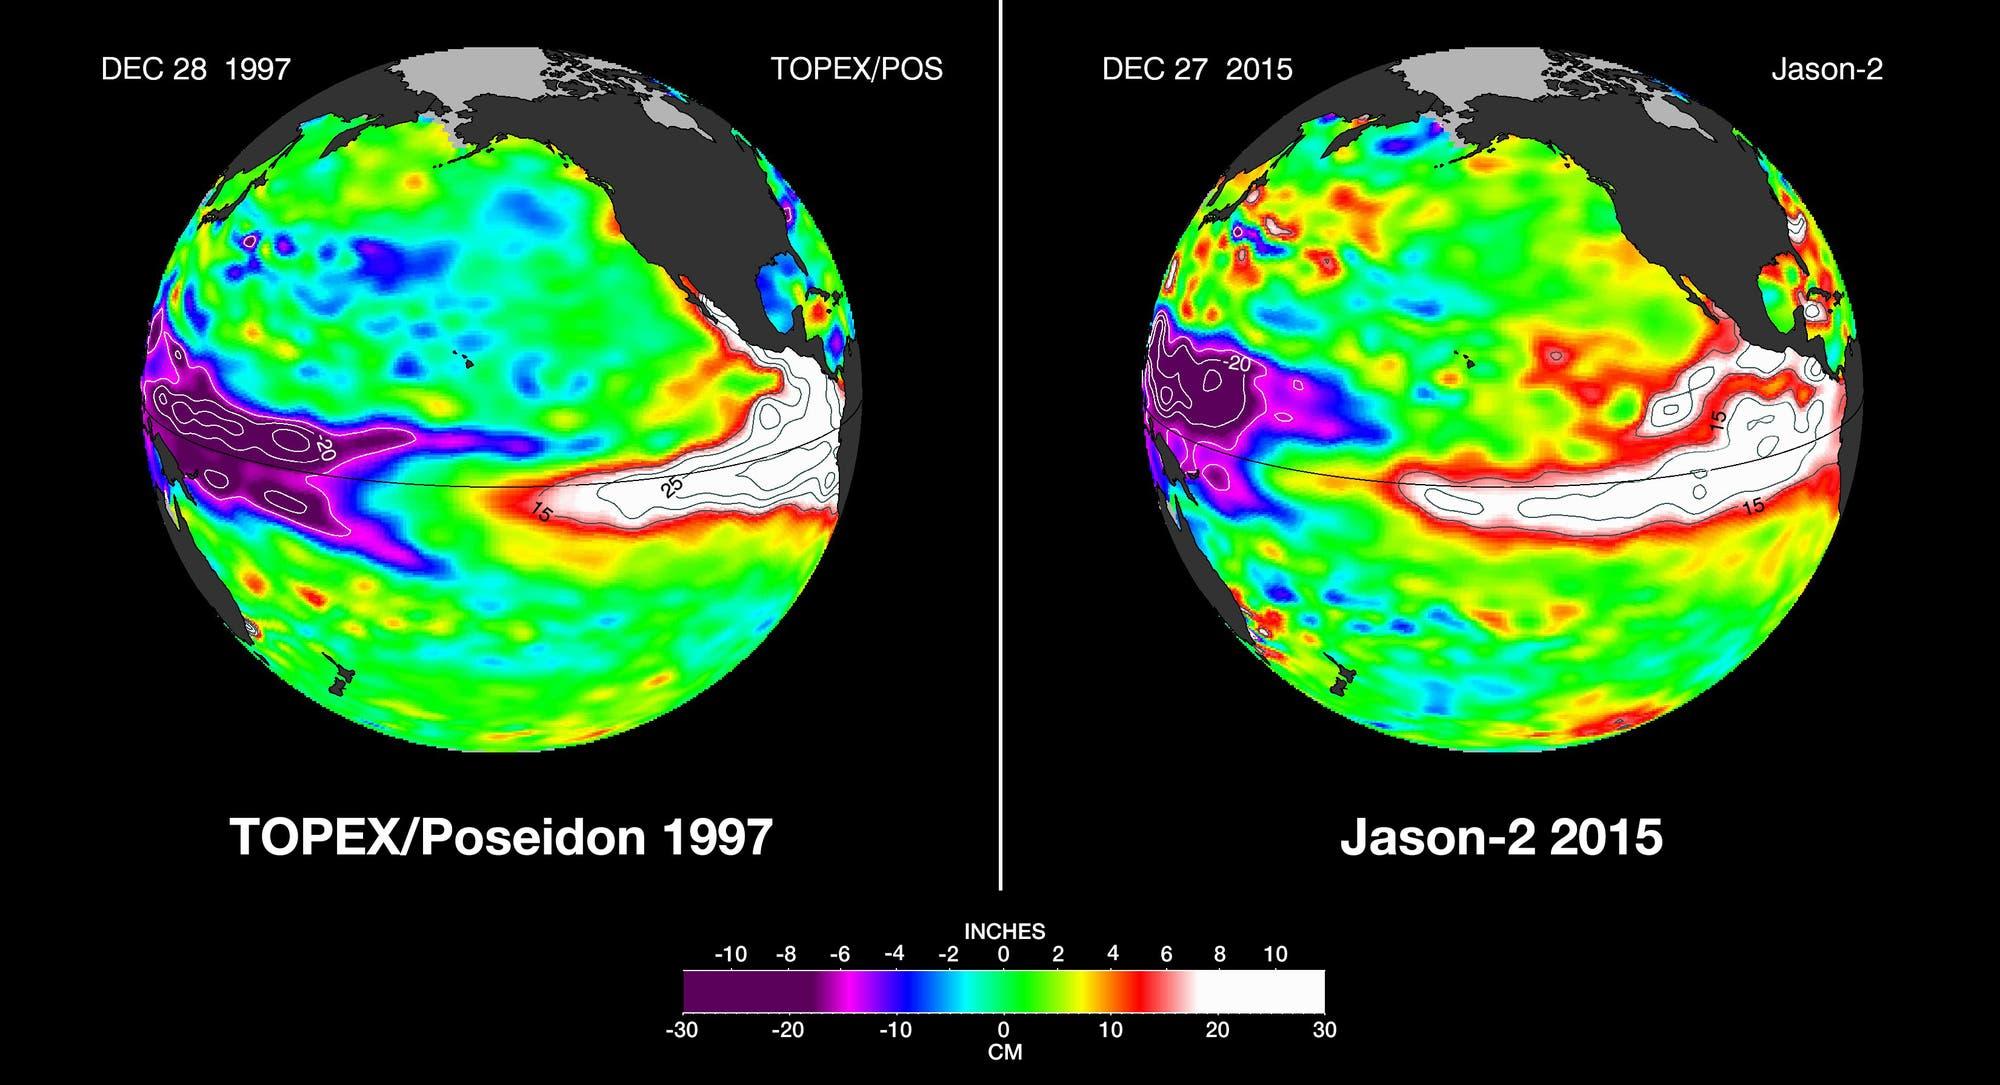 Vergleich der Niño-Ereignisse 1997 und 2015